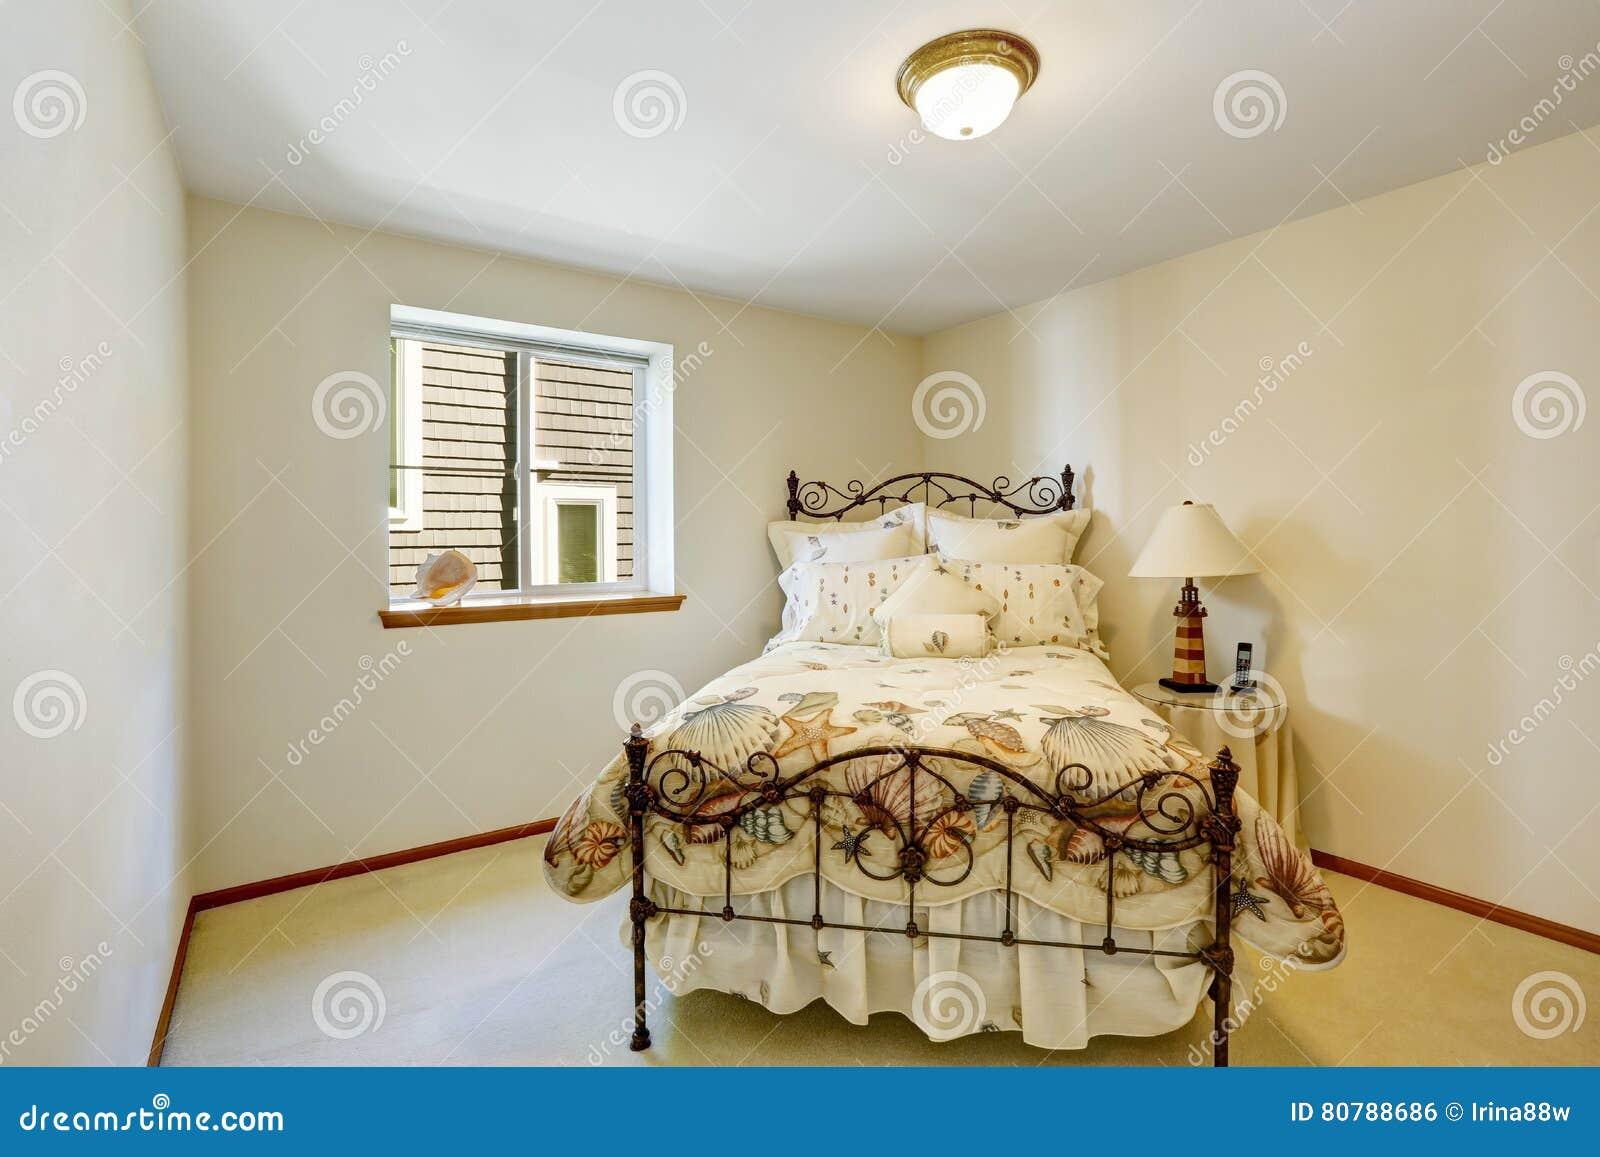 Letto singolo stile marina modello bounty l 39 originale stile marina made in italy eur letto - Camera da letto del papa ...